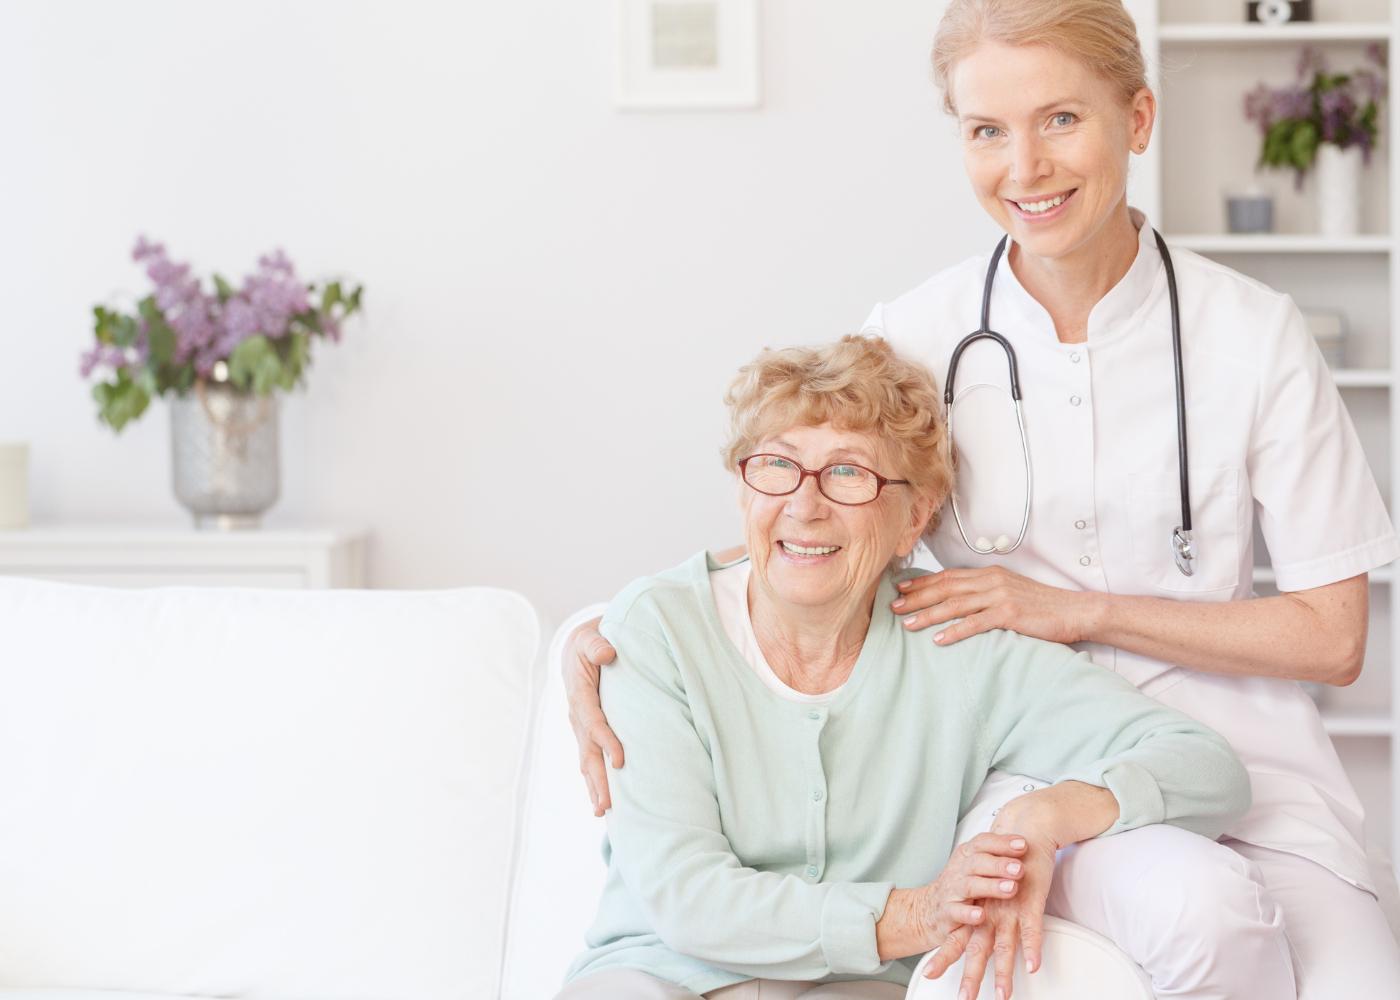 medicos ao domicilio medica com paciente em casa